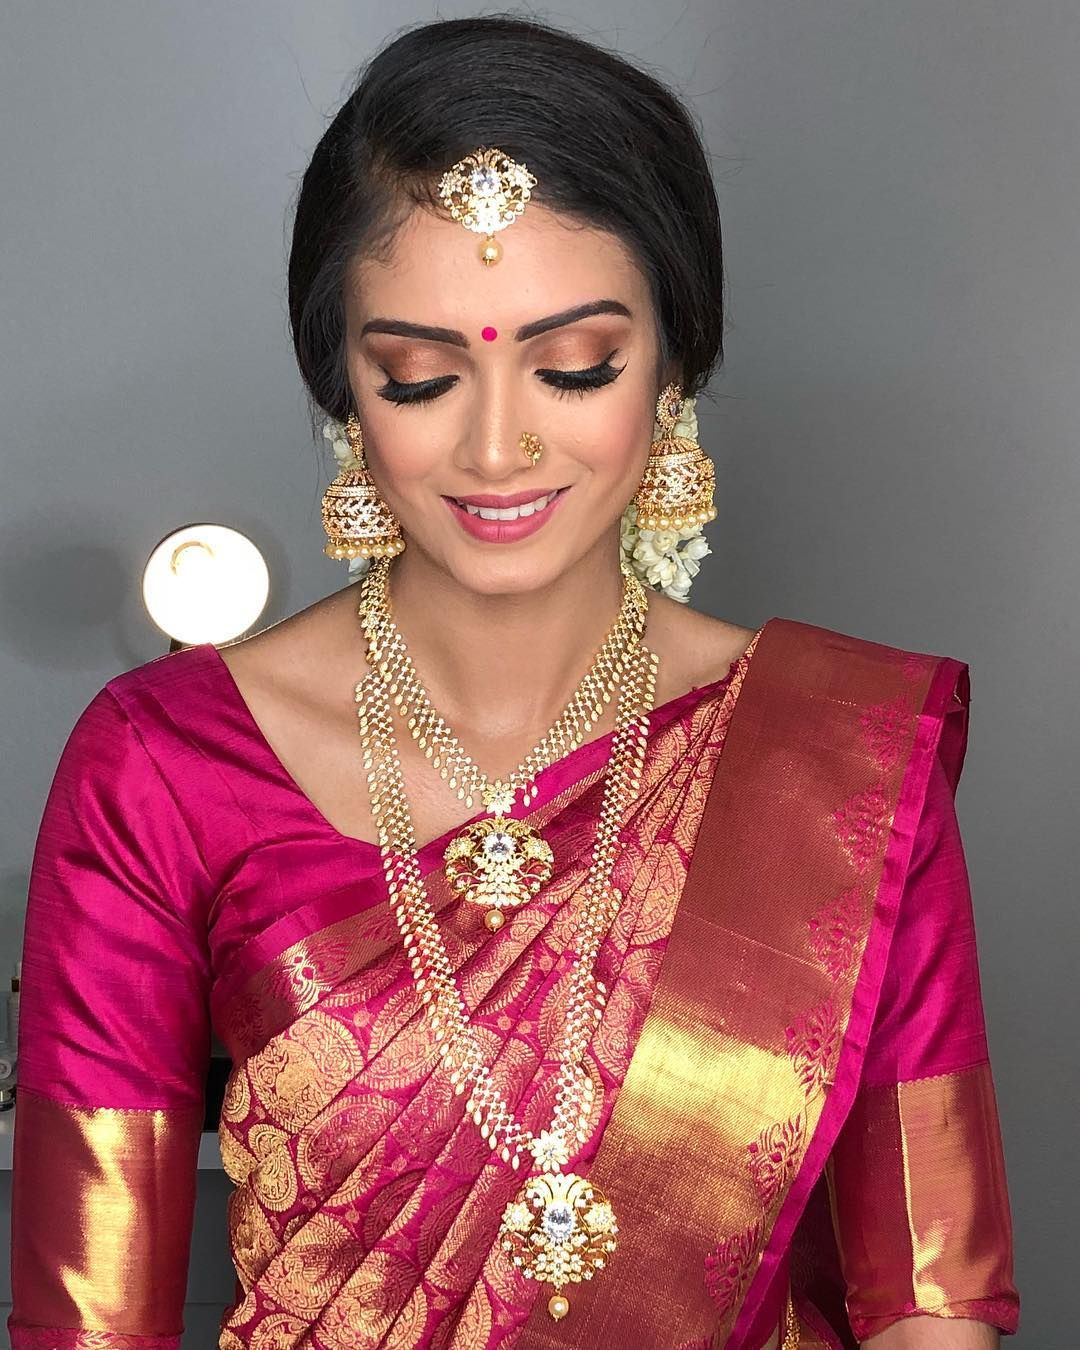 Drashing Sari Hindu Wedding Dresses